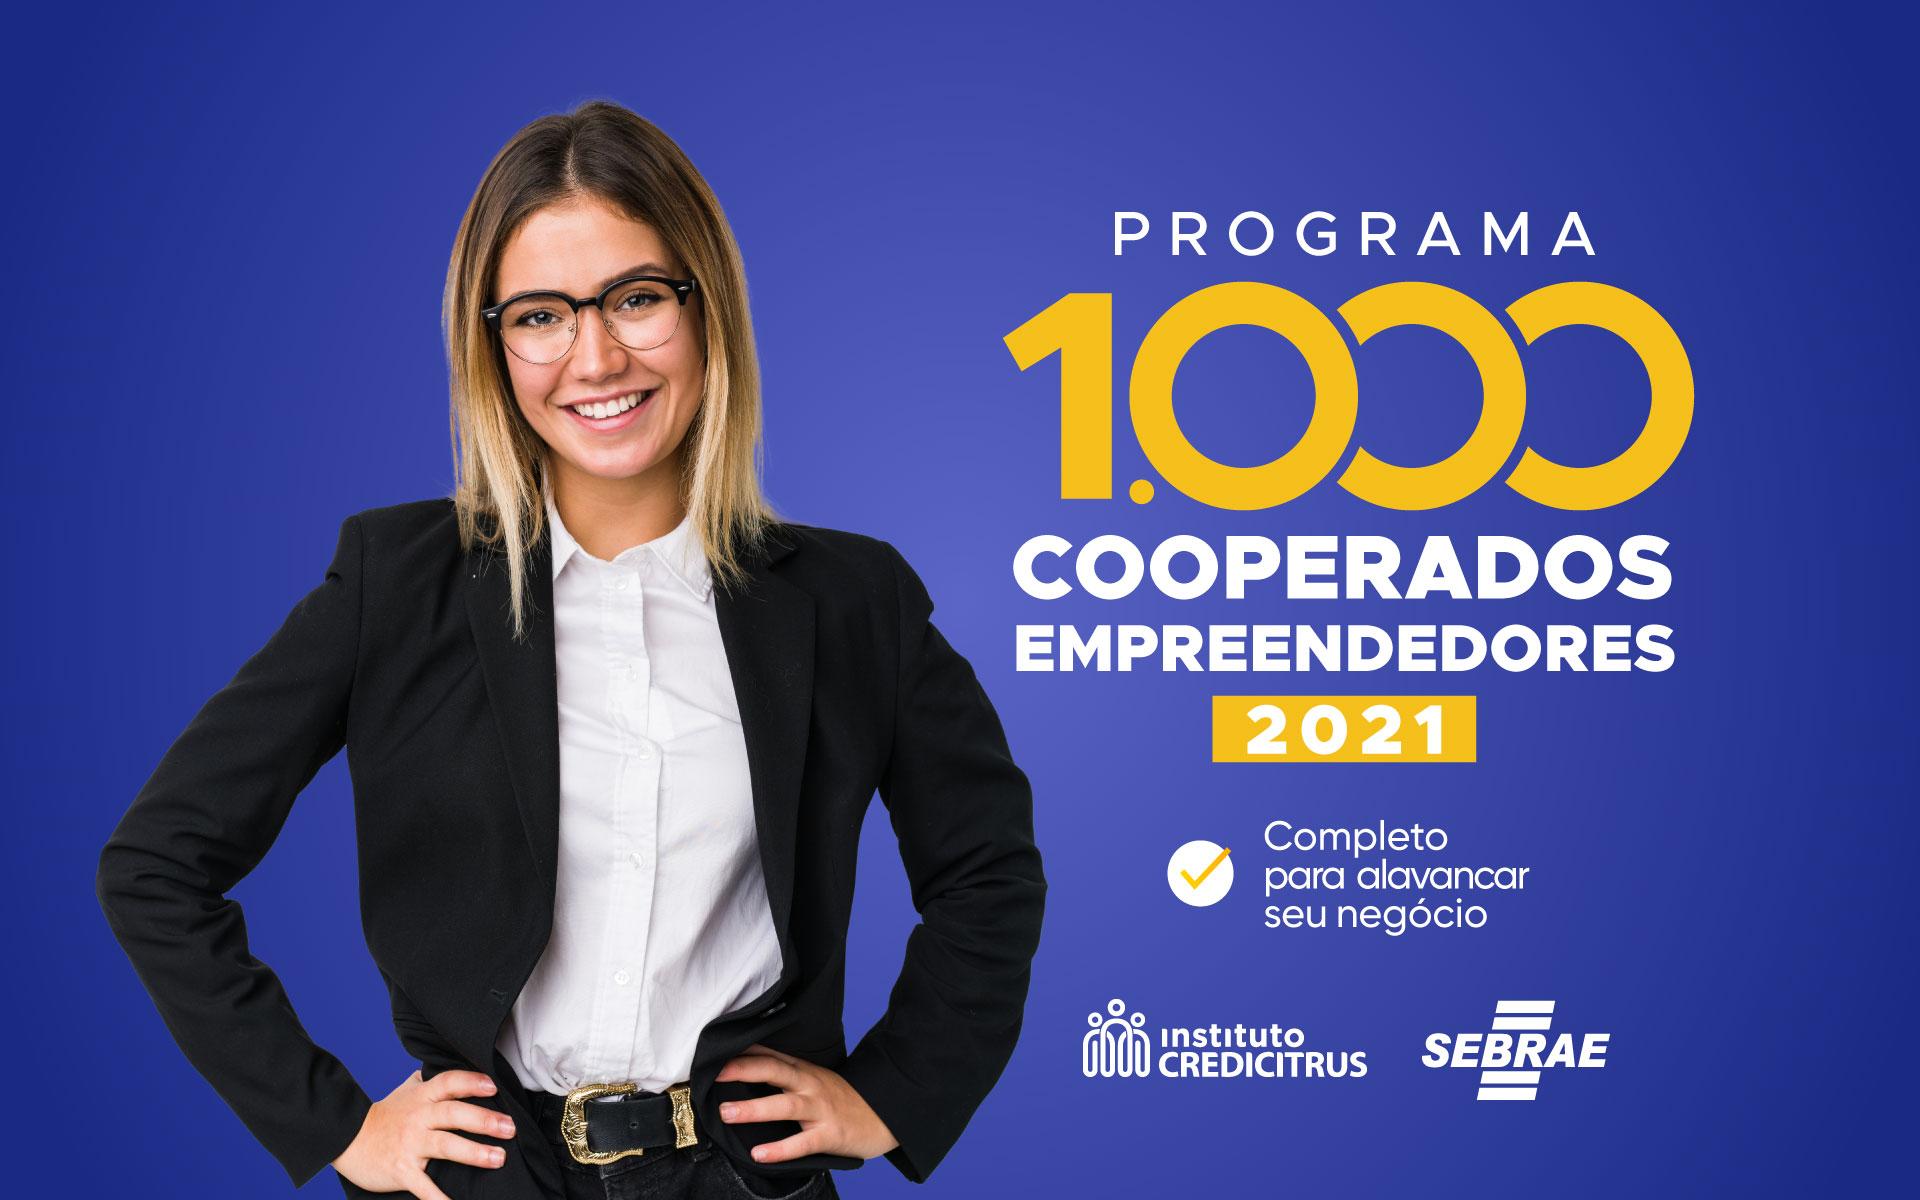 Programa 1000 Cooperados Empreendedores